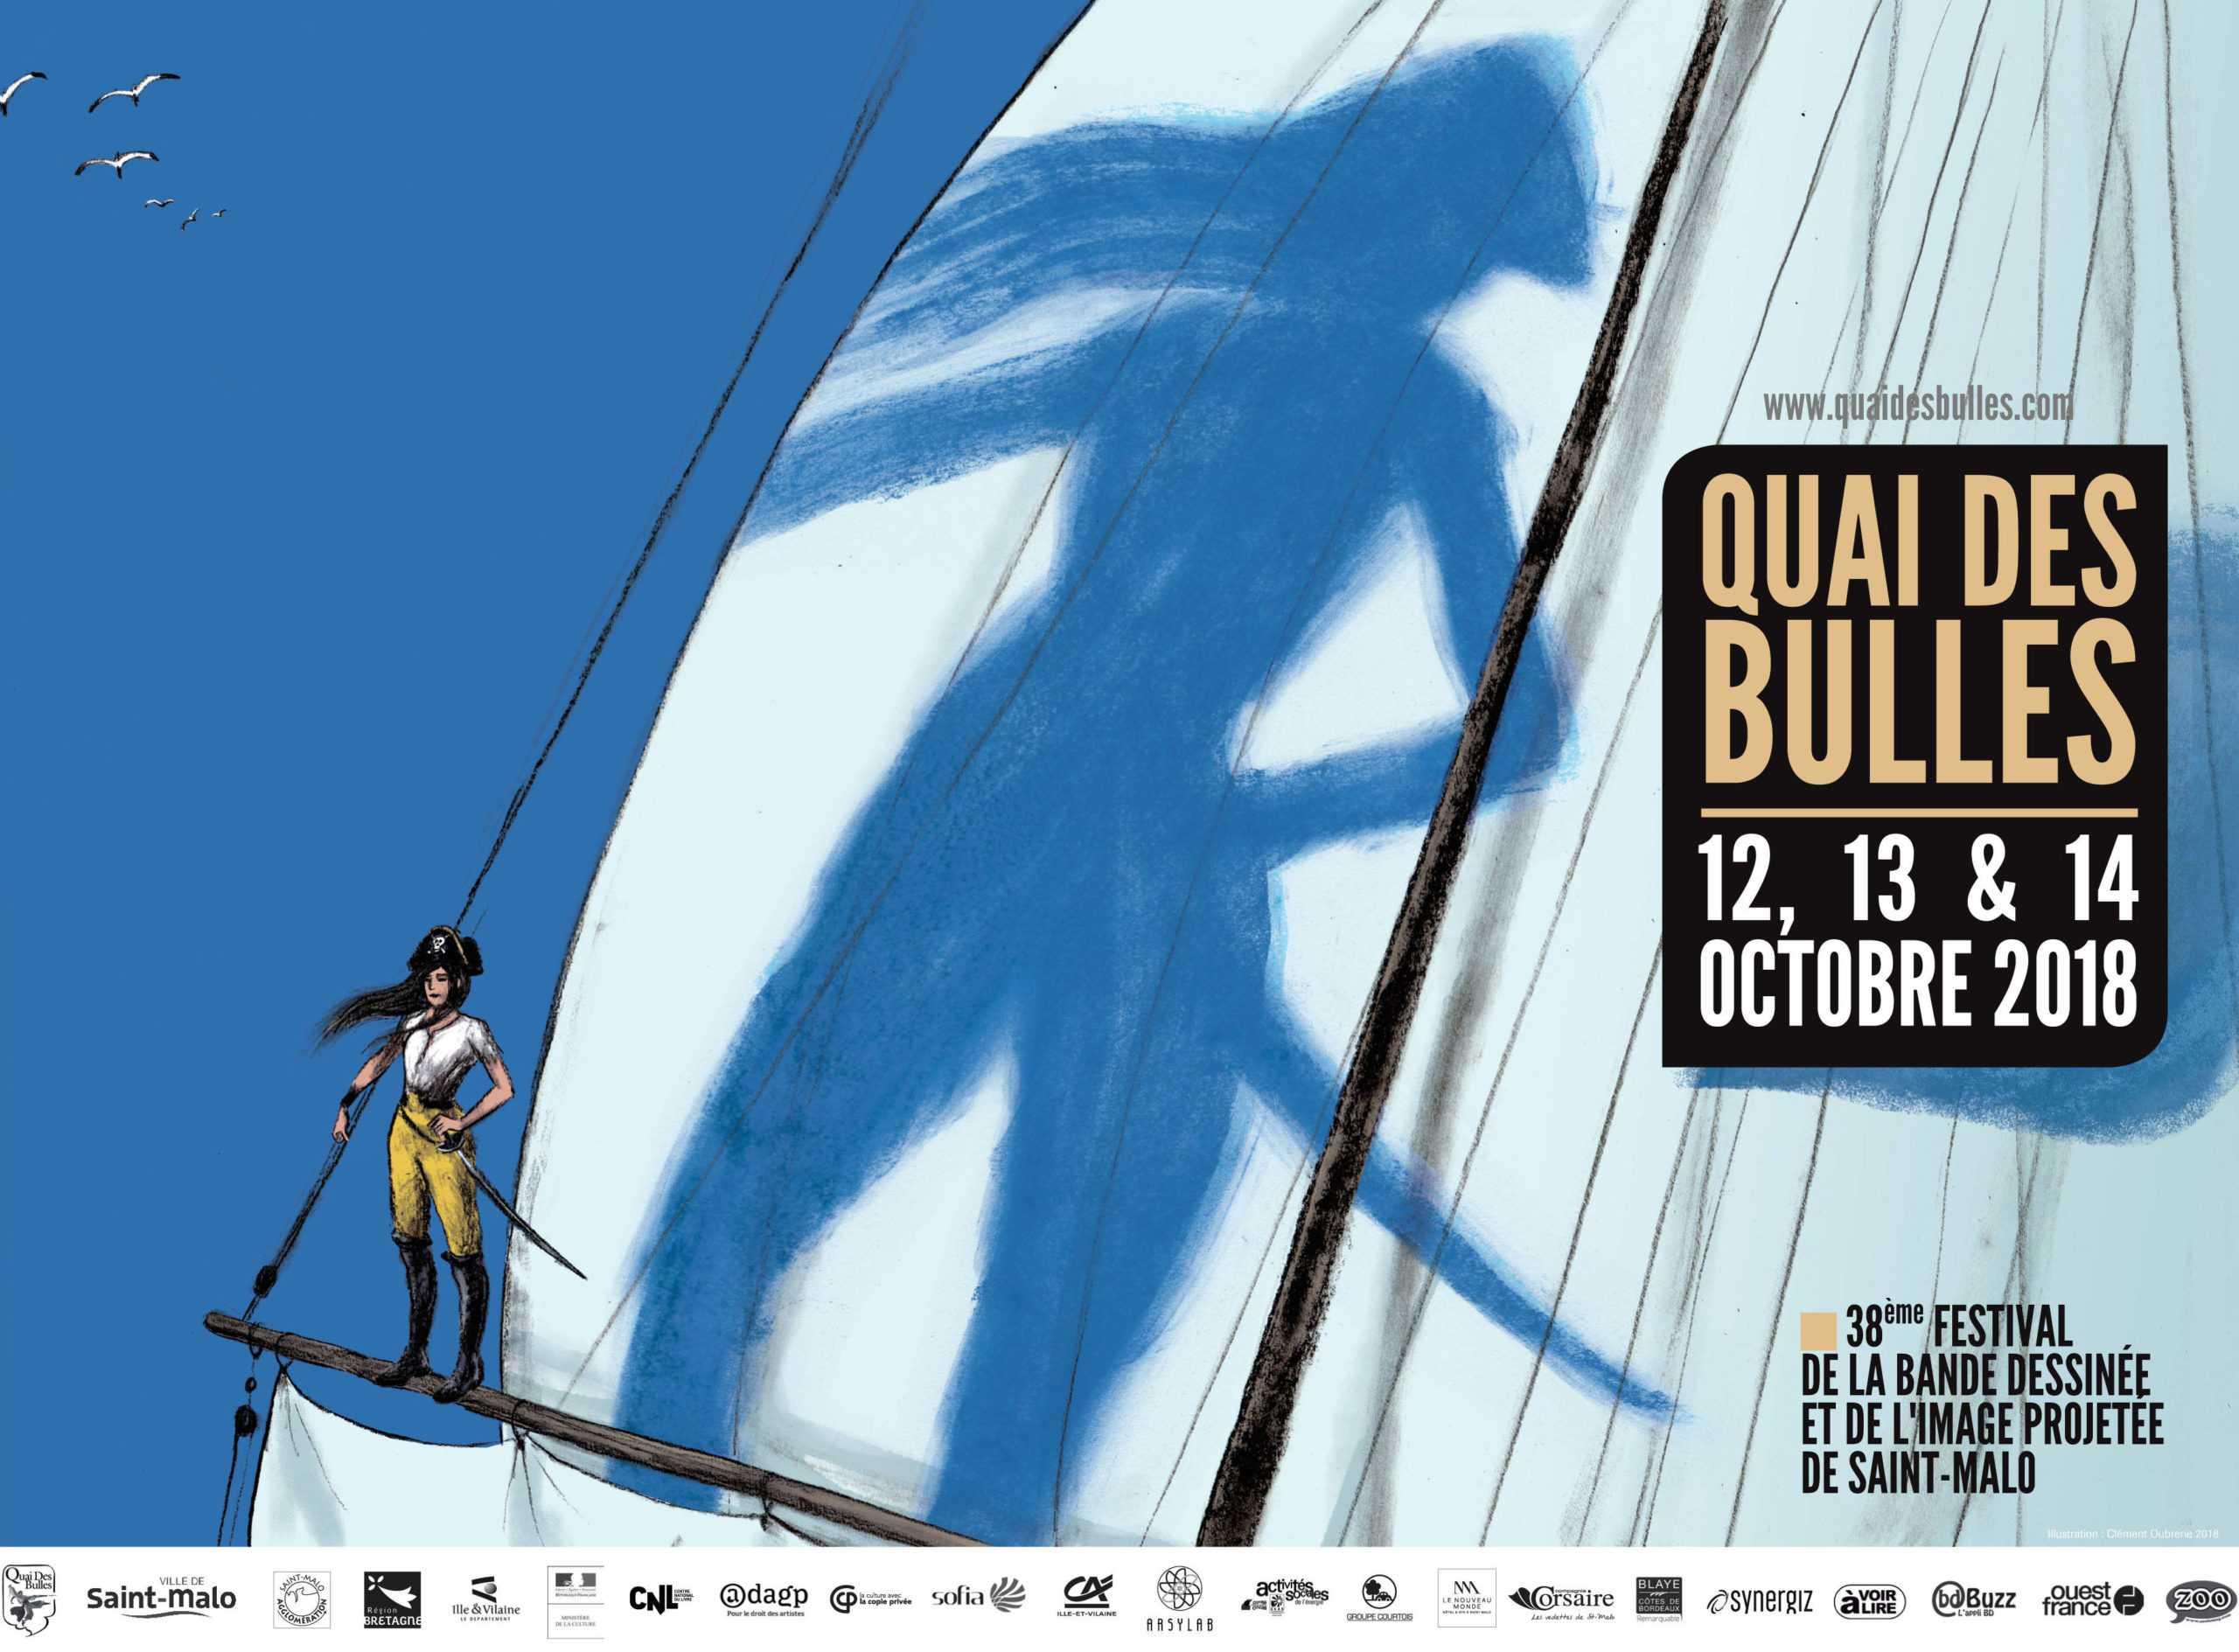 Saint-Malo, l'affiche Quai des Bulles 2018 signée par Clément Oubrerie